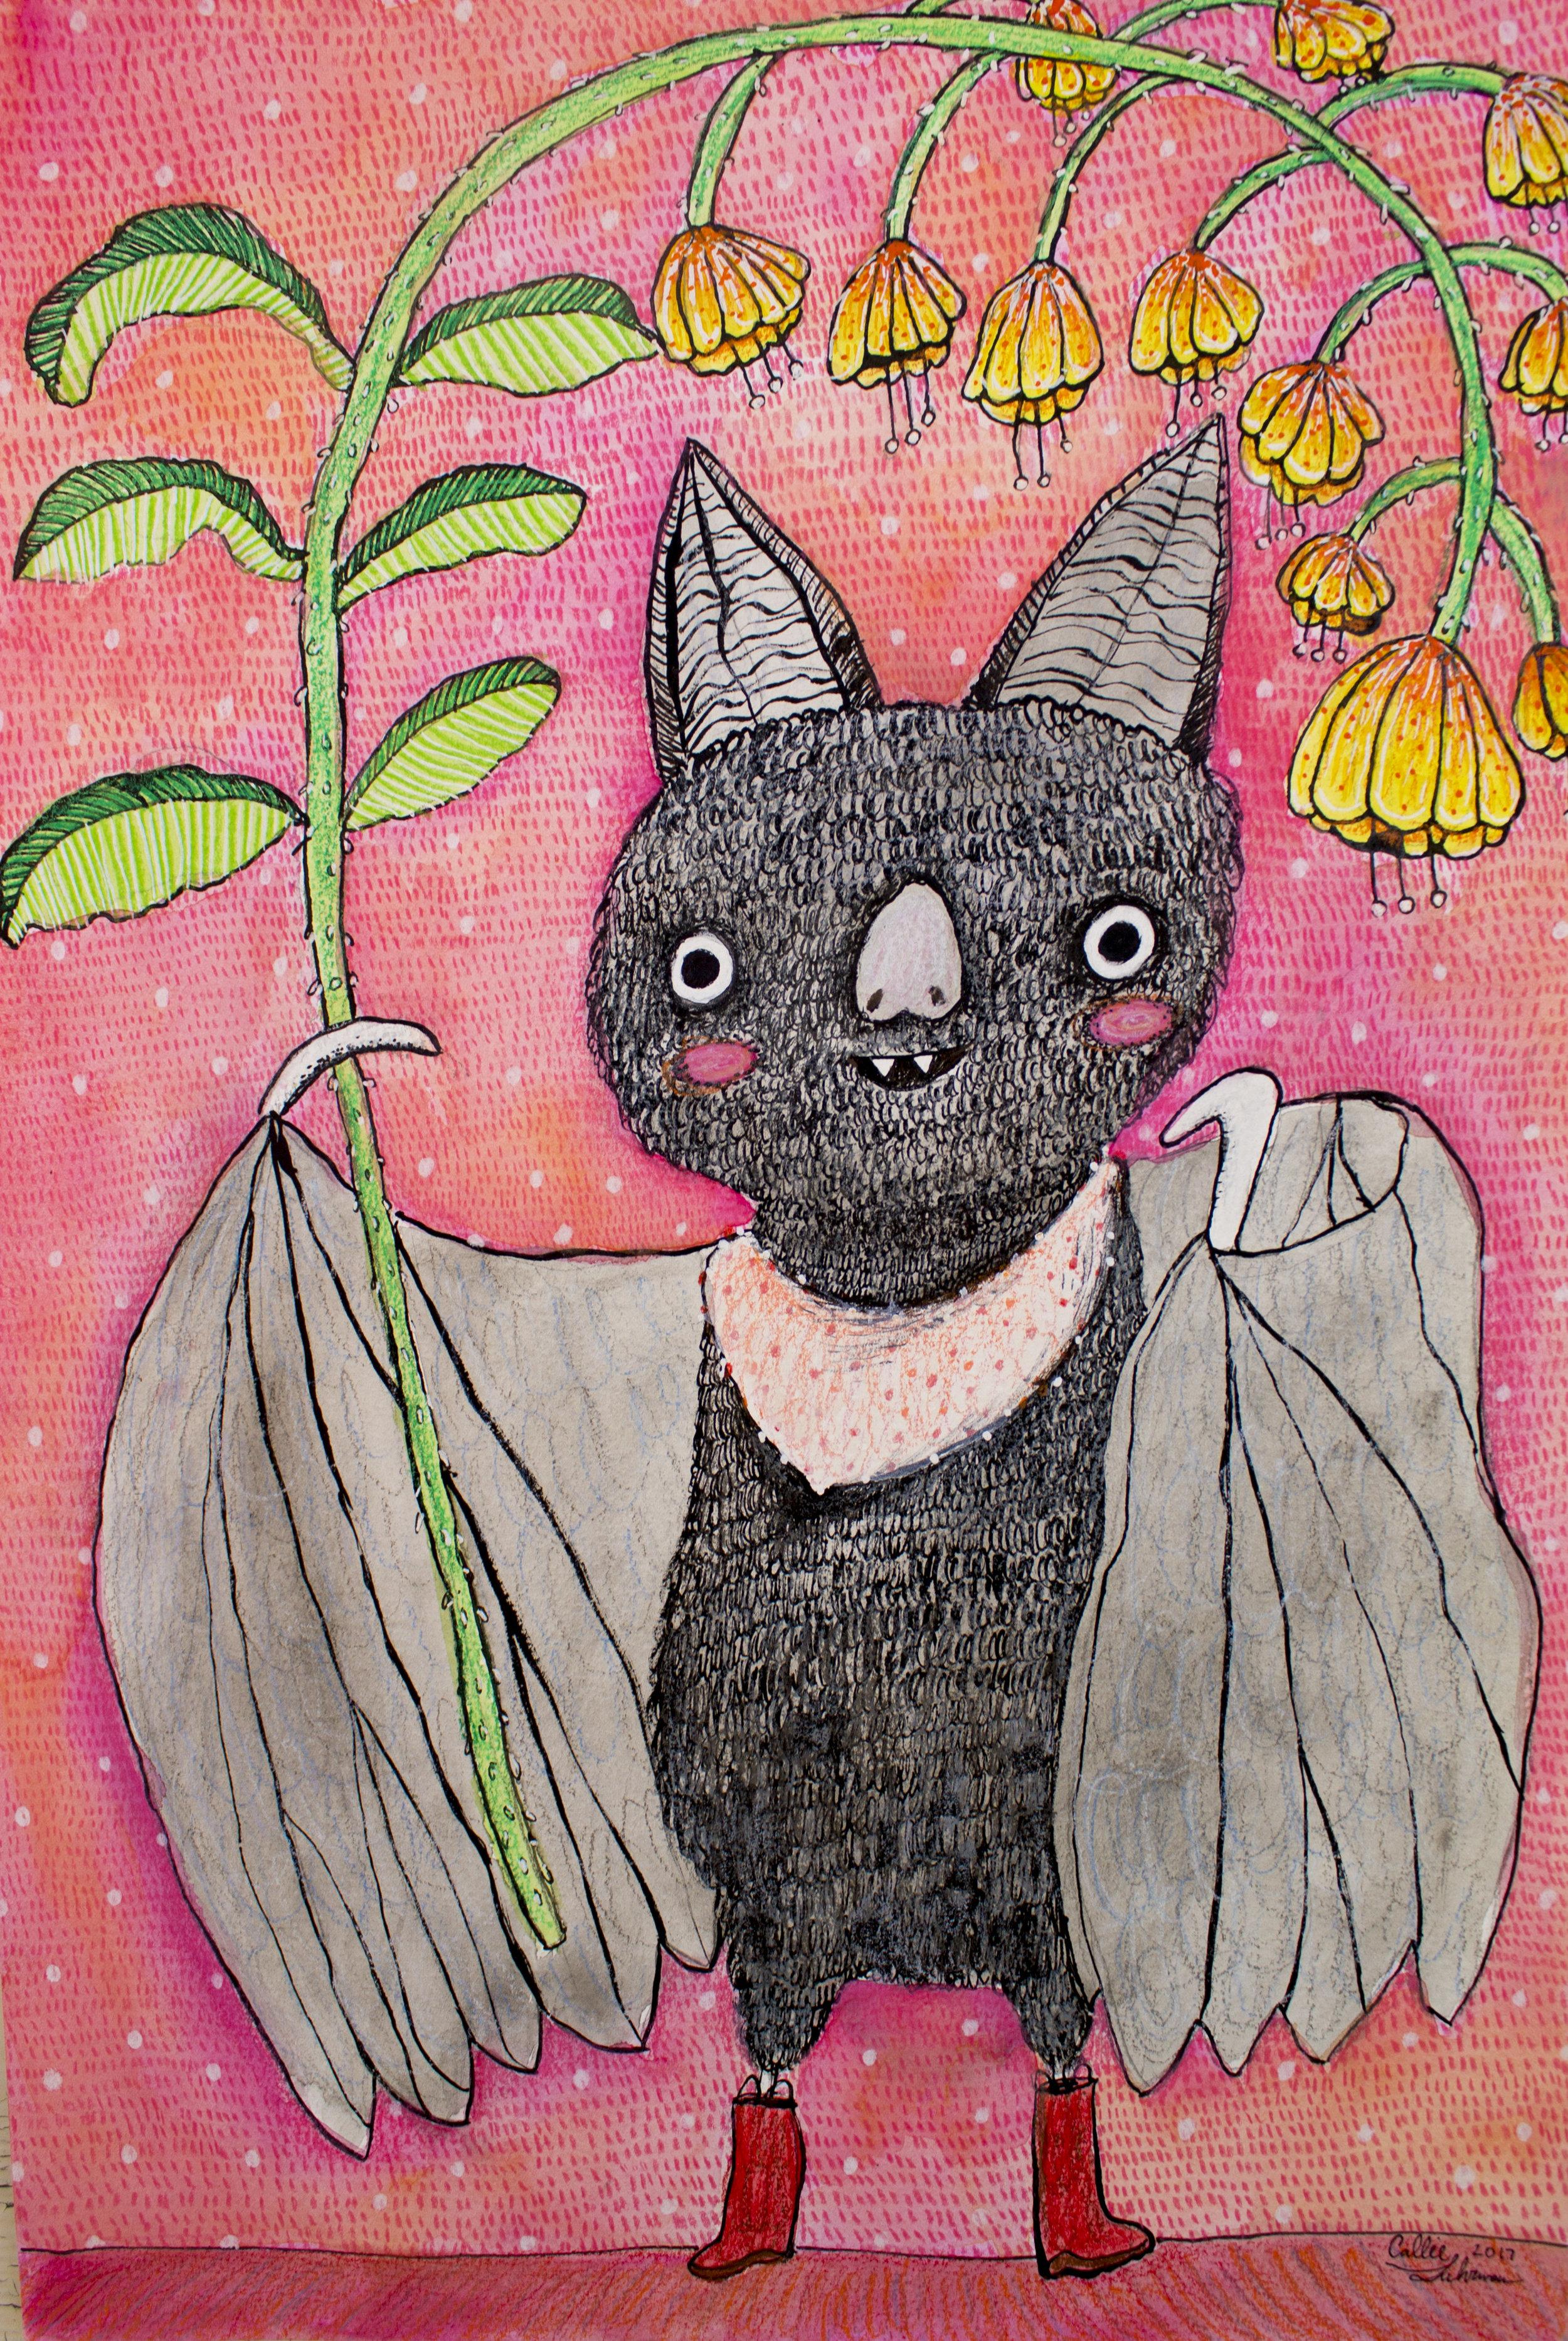 bat illustration.jpg